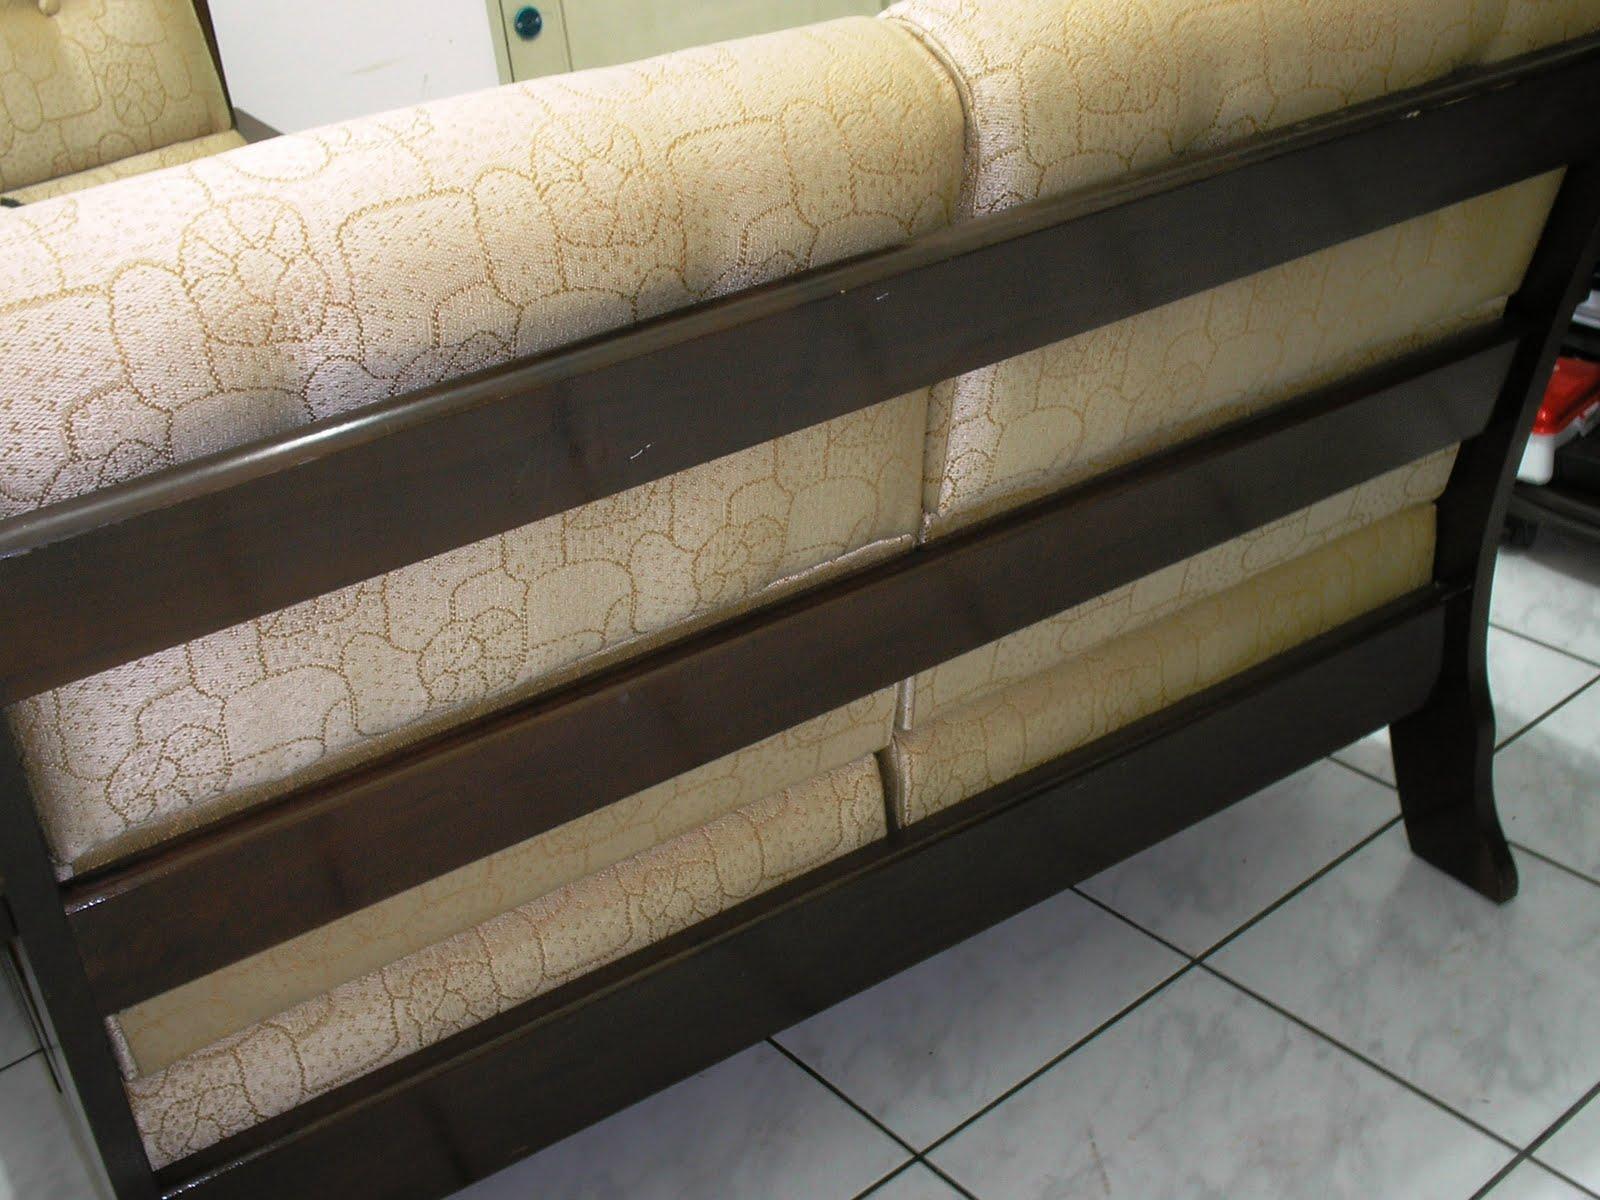 Móveis usados de qualidade: Sofá de madeira dois lugares (conjunto  #887243 1600x1200